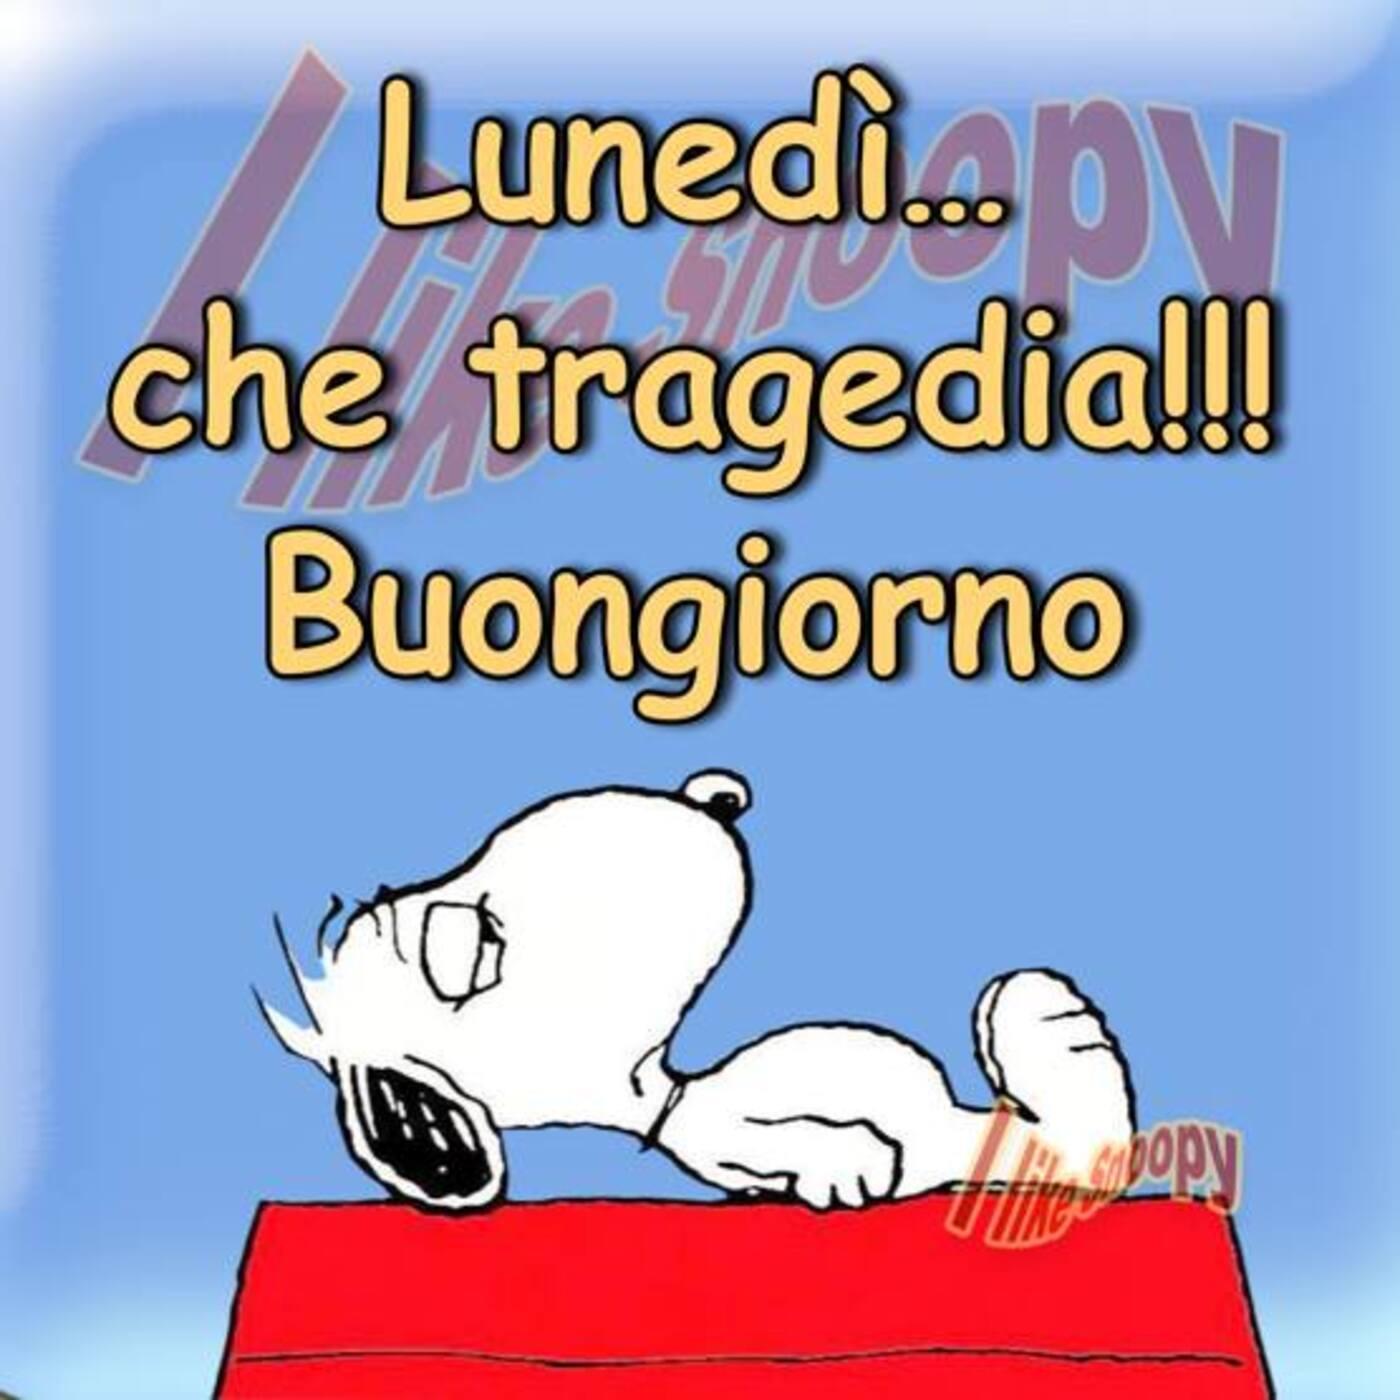 Lunedì... che tragedia!!! Buongiorno (Snoopy)